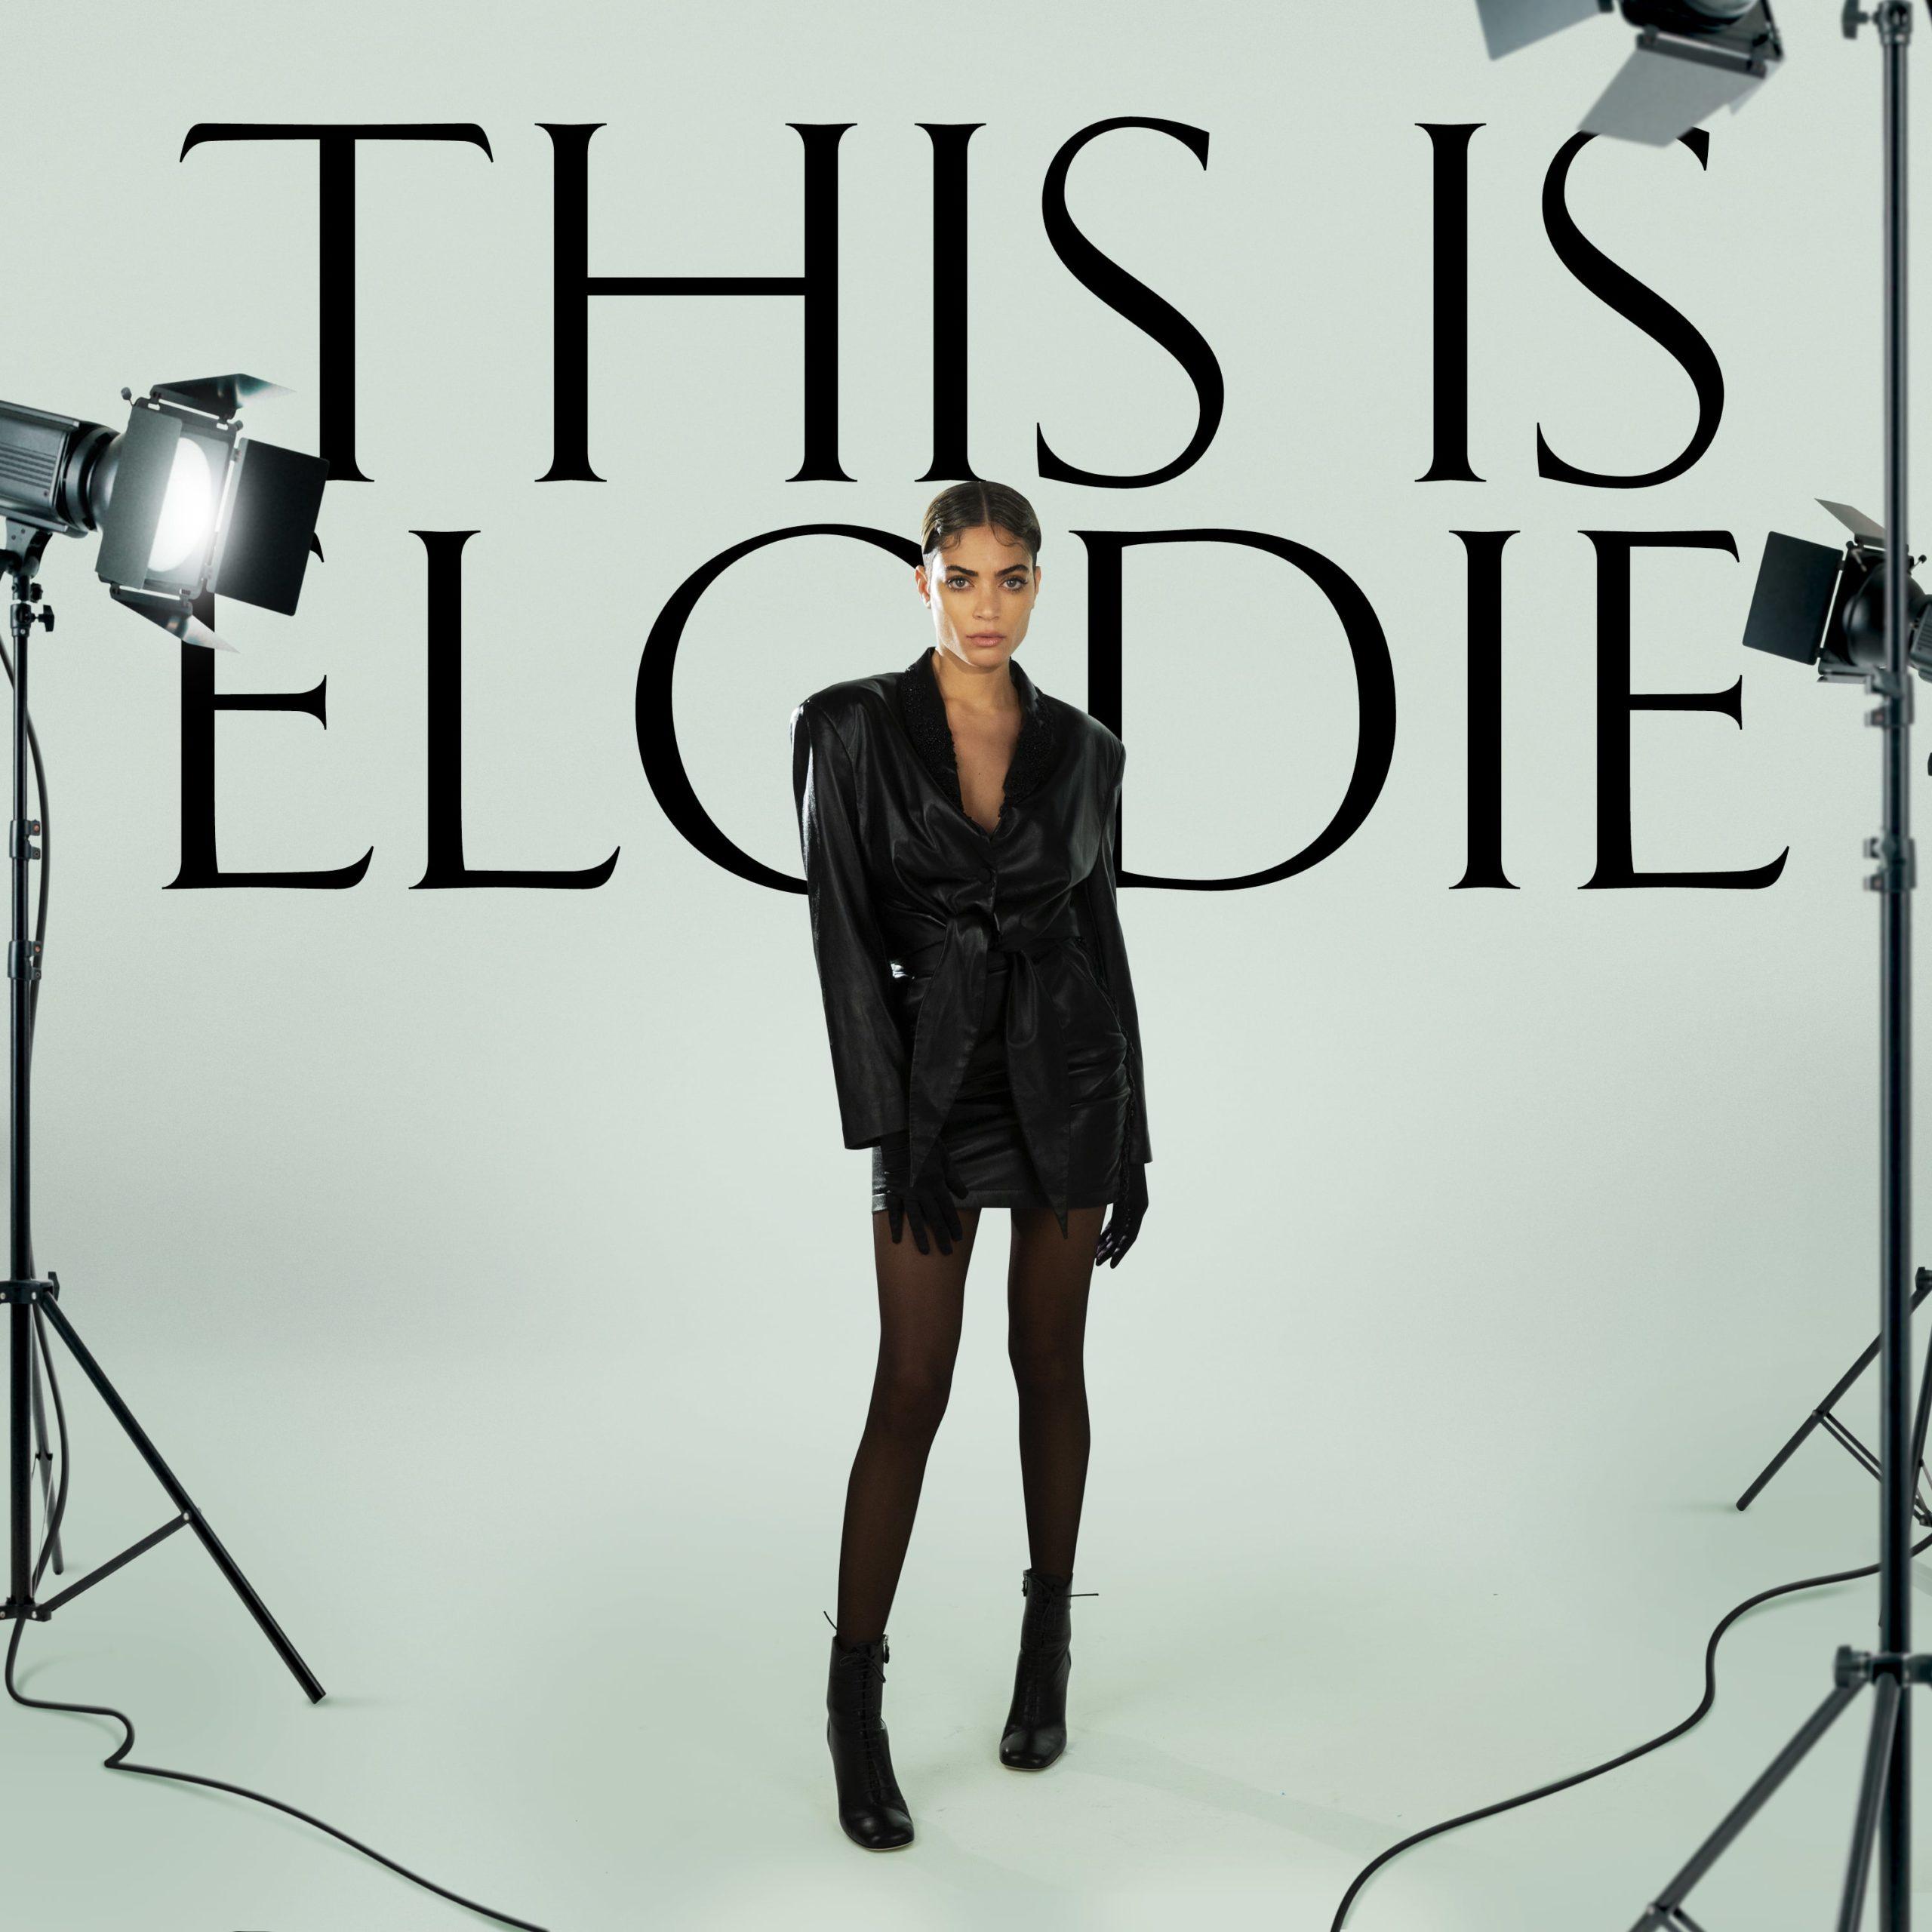 """Elodie: """"Tutte le esperienze ti insegnano qualcosa e ti rendono ciò che sei"""" [INTERVISTA]"""